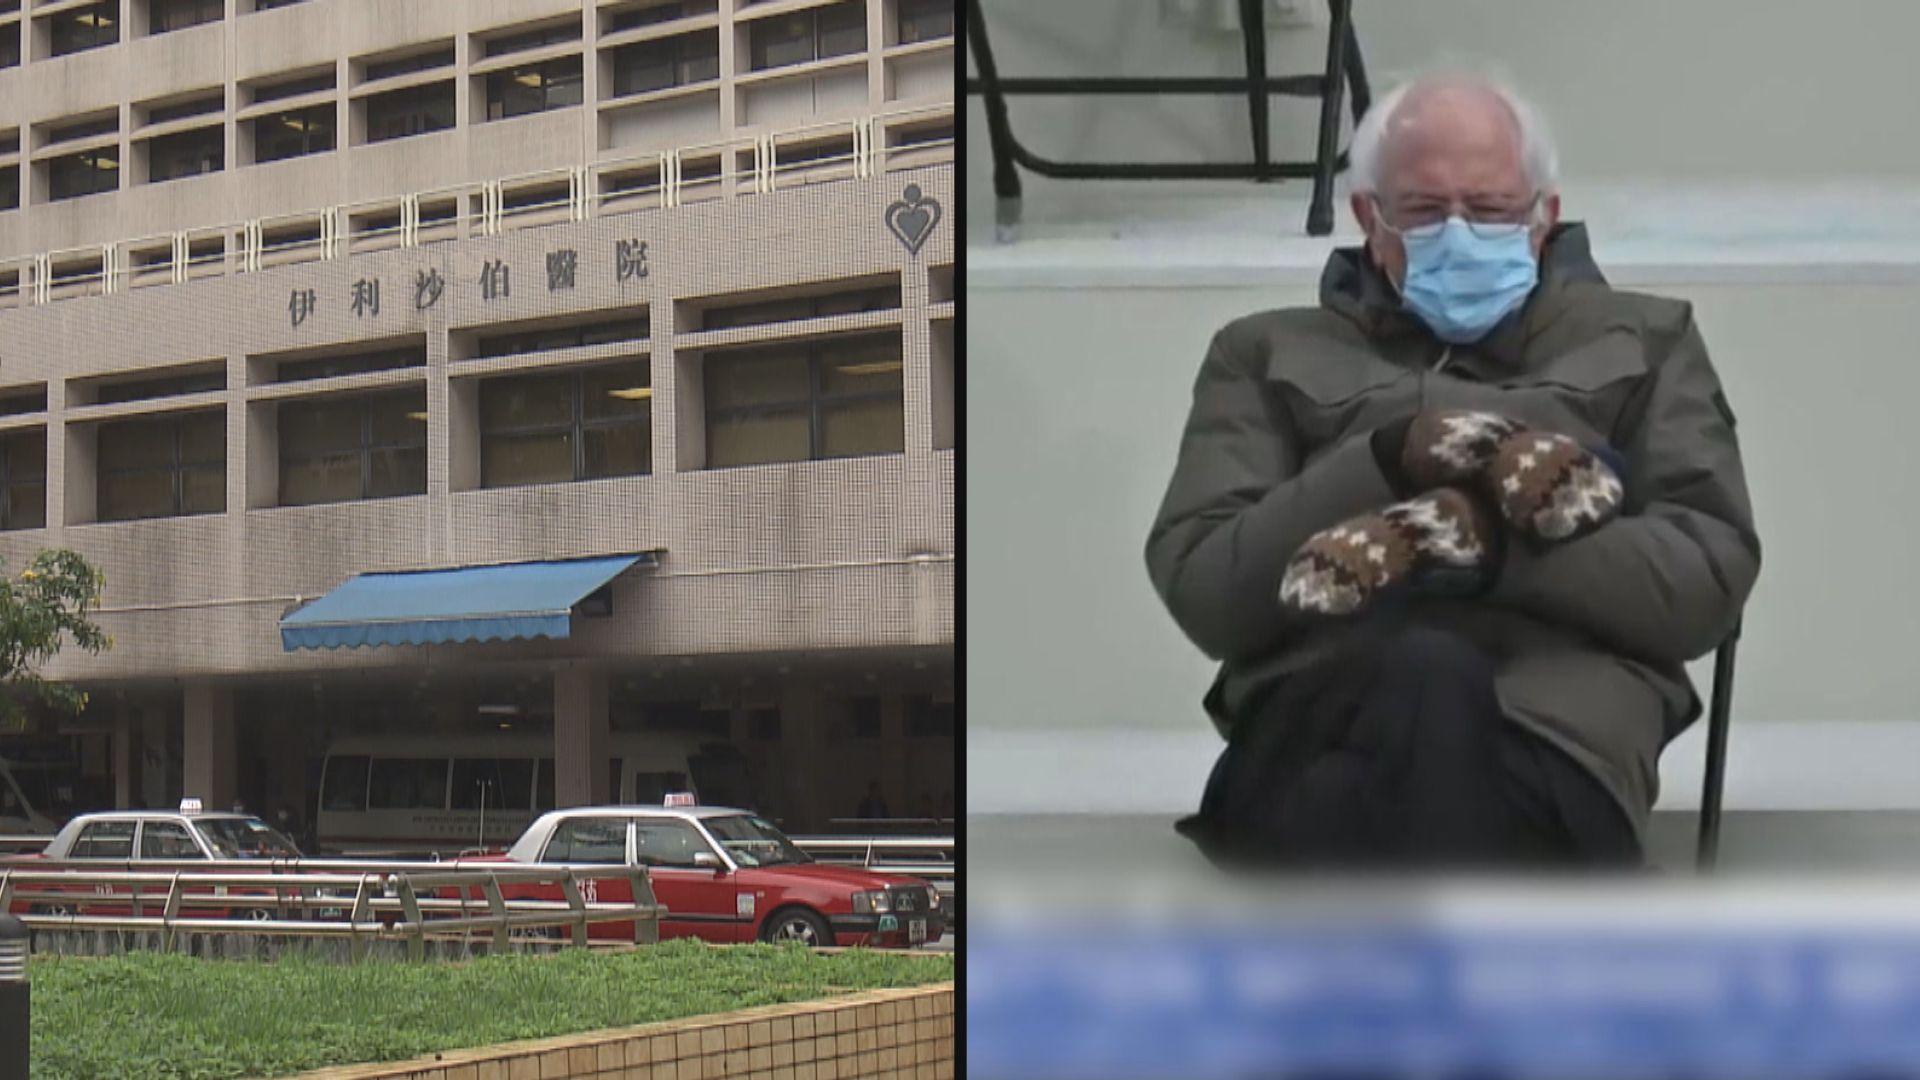 【即日焦點】伊利沙伯醫院三護士初步確診 醫管局籲避免到伊院急症室求診;出席總統就職禮打扮成網絡熱話 桑德斯趁機為長者籌款